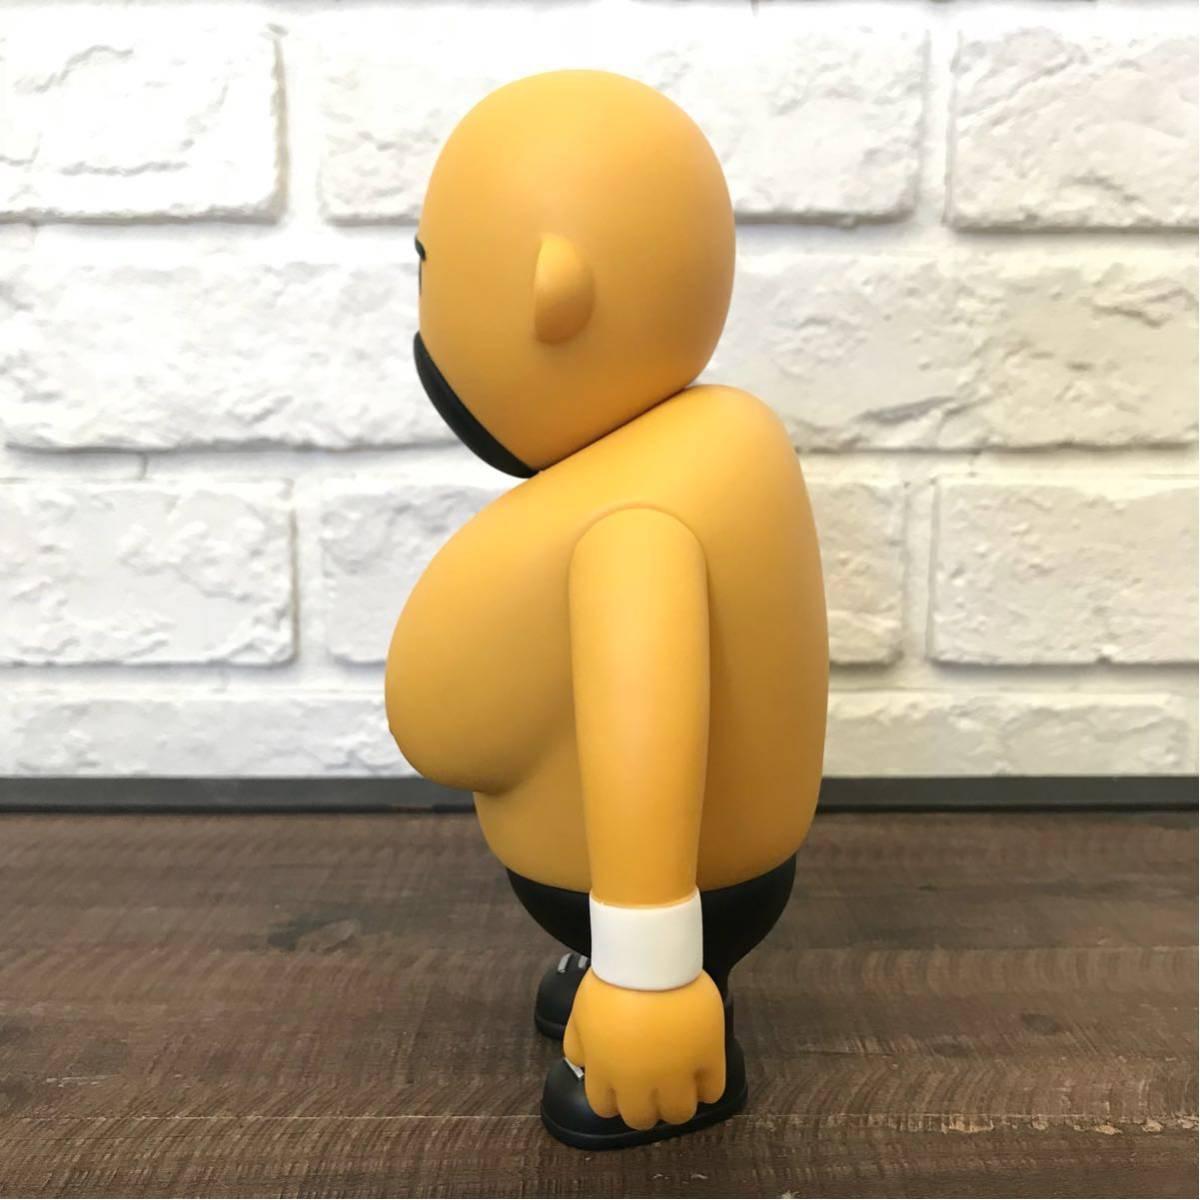 武藤 啓司 フィギュア Mr.610 ソフビ a bathing ape BAPE PLAY bapesta プロレスリング プロレス マイロ 全日本プロレス 新日本プロレス